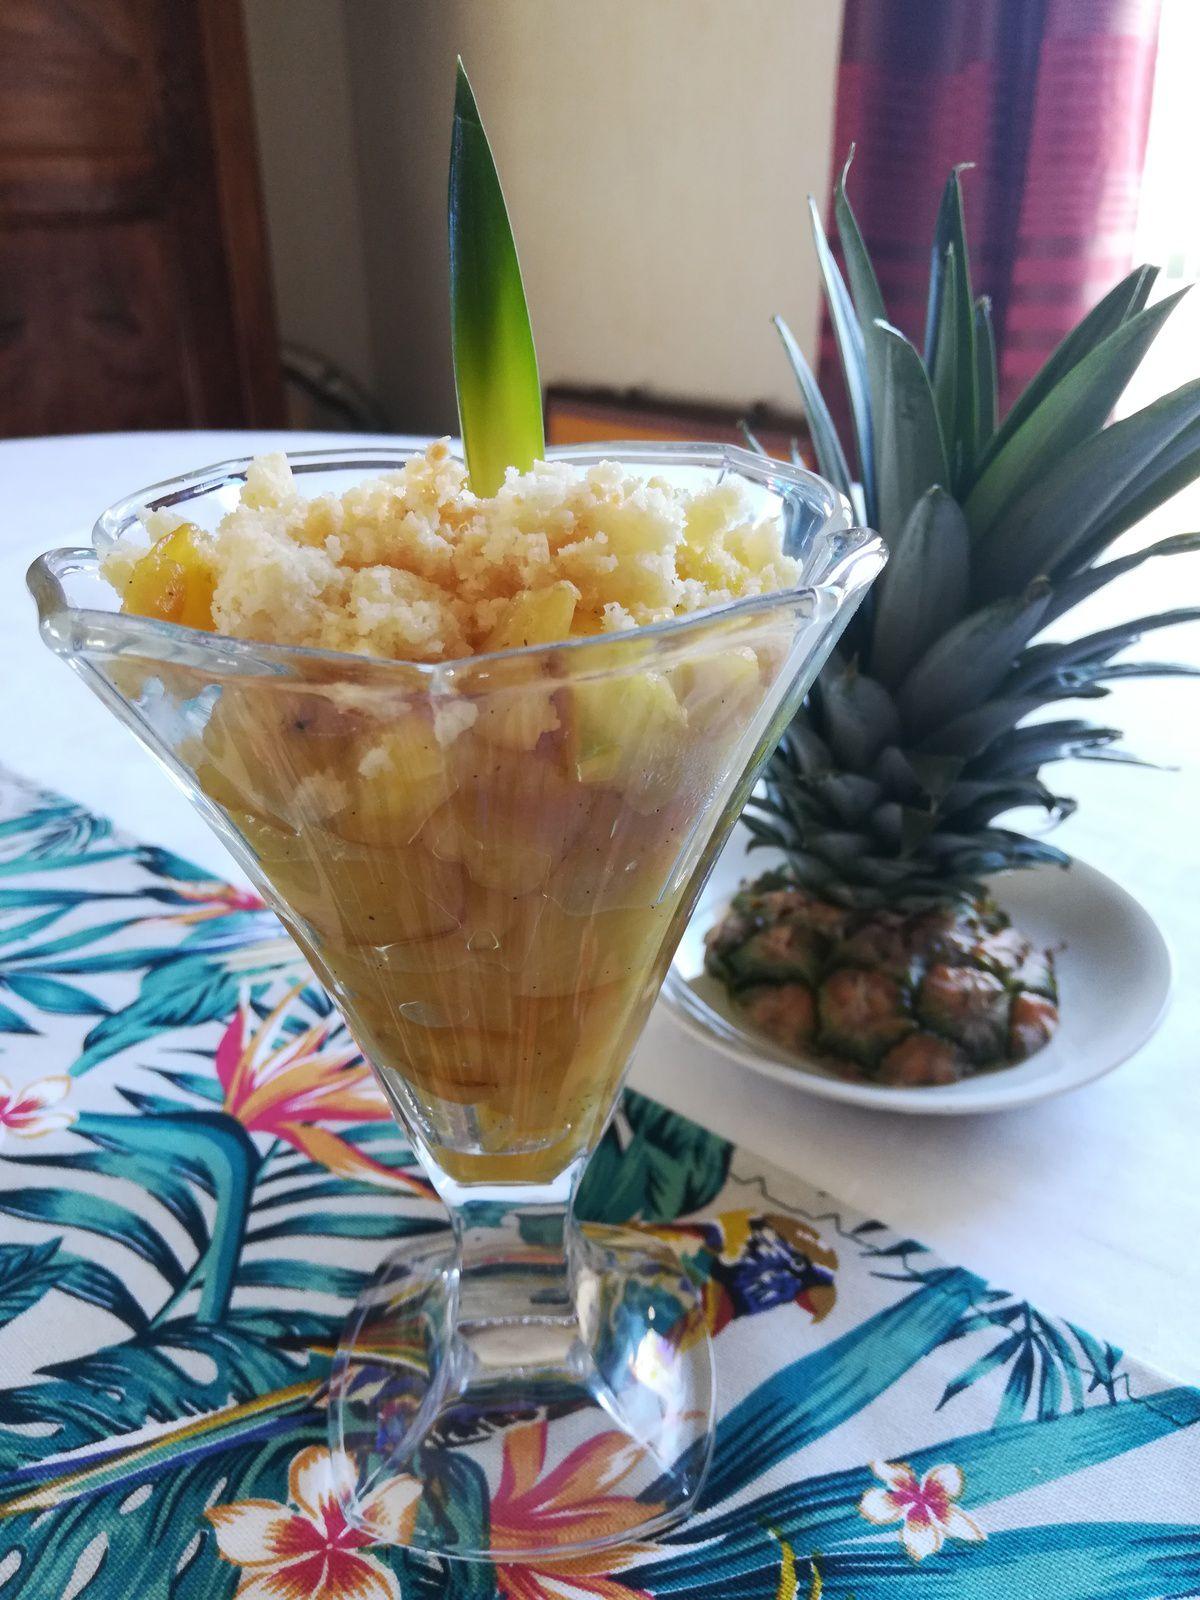 verrines d'ananas frais et son crumble à la noix de coco